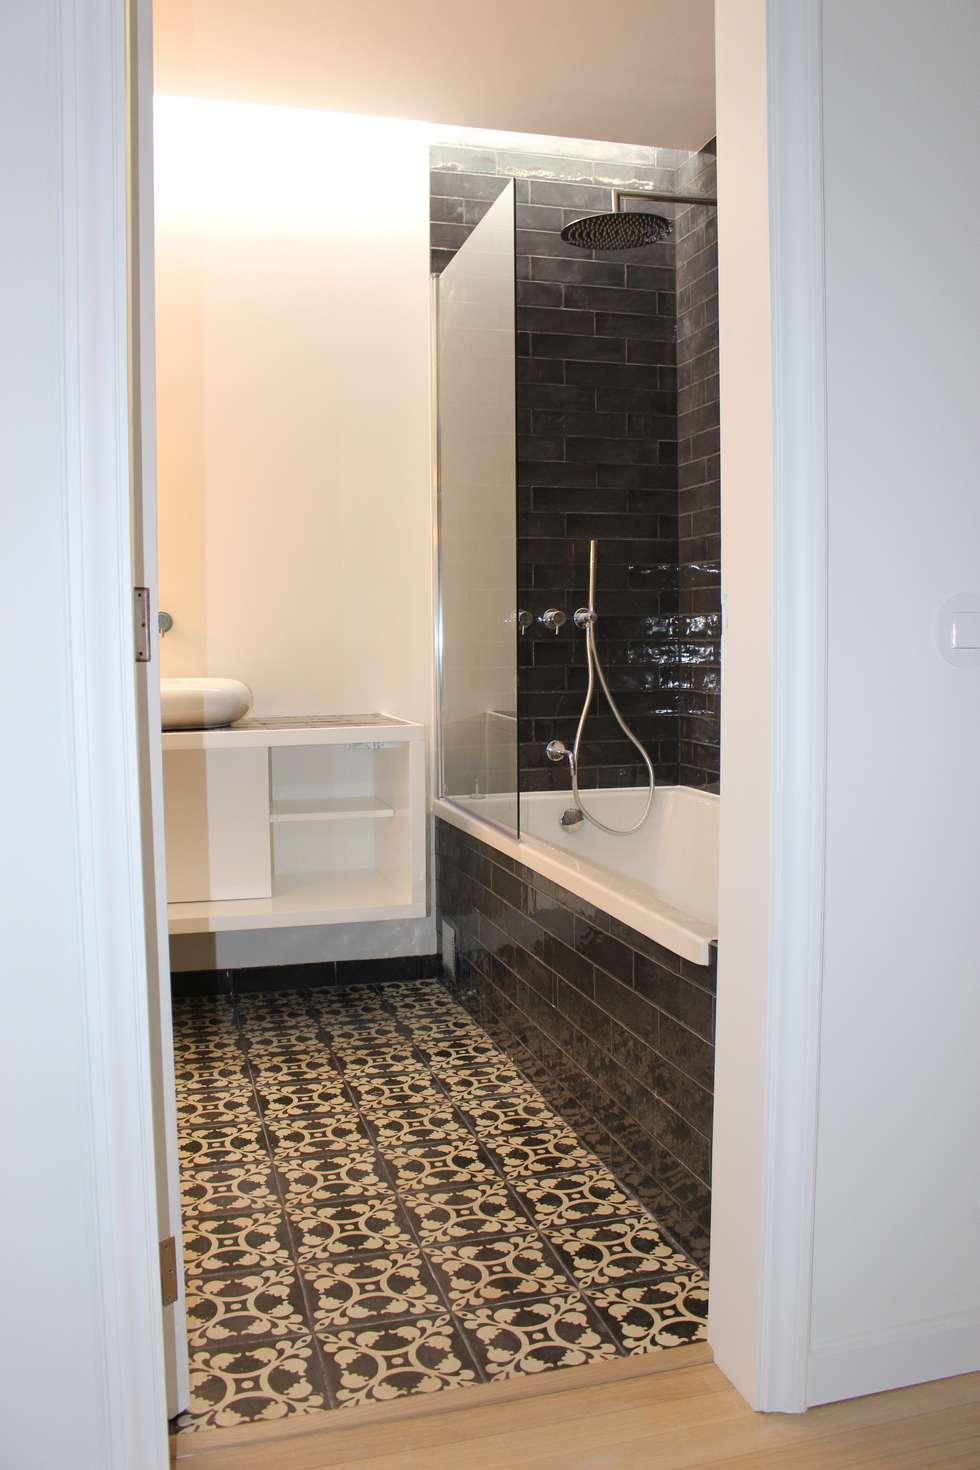 casa de banho visitas : Casas de banho modernas por G.R design